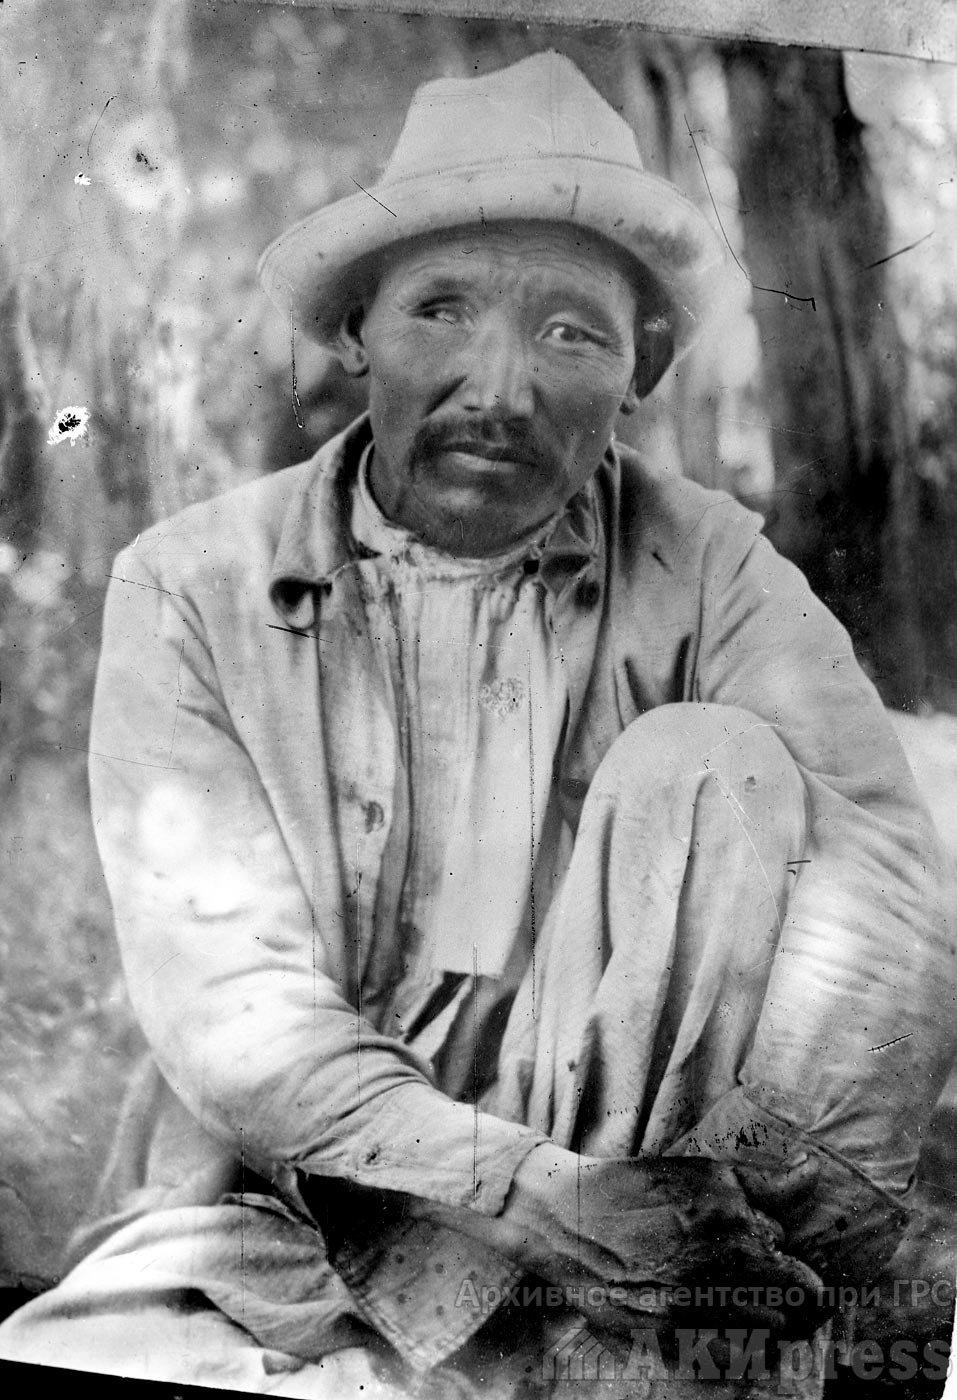 Кыргызы во время восстания 1916 года. Госархив / АКИpress